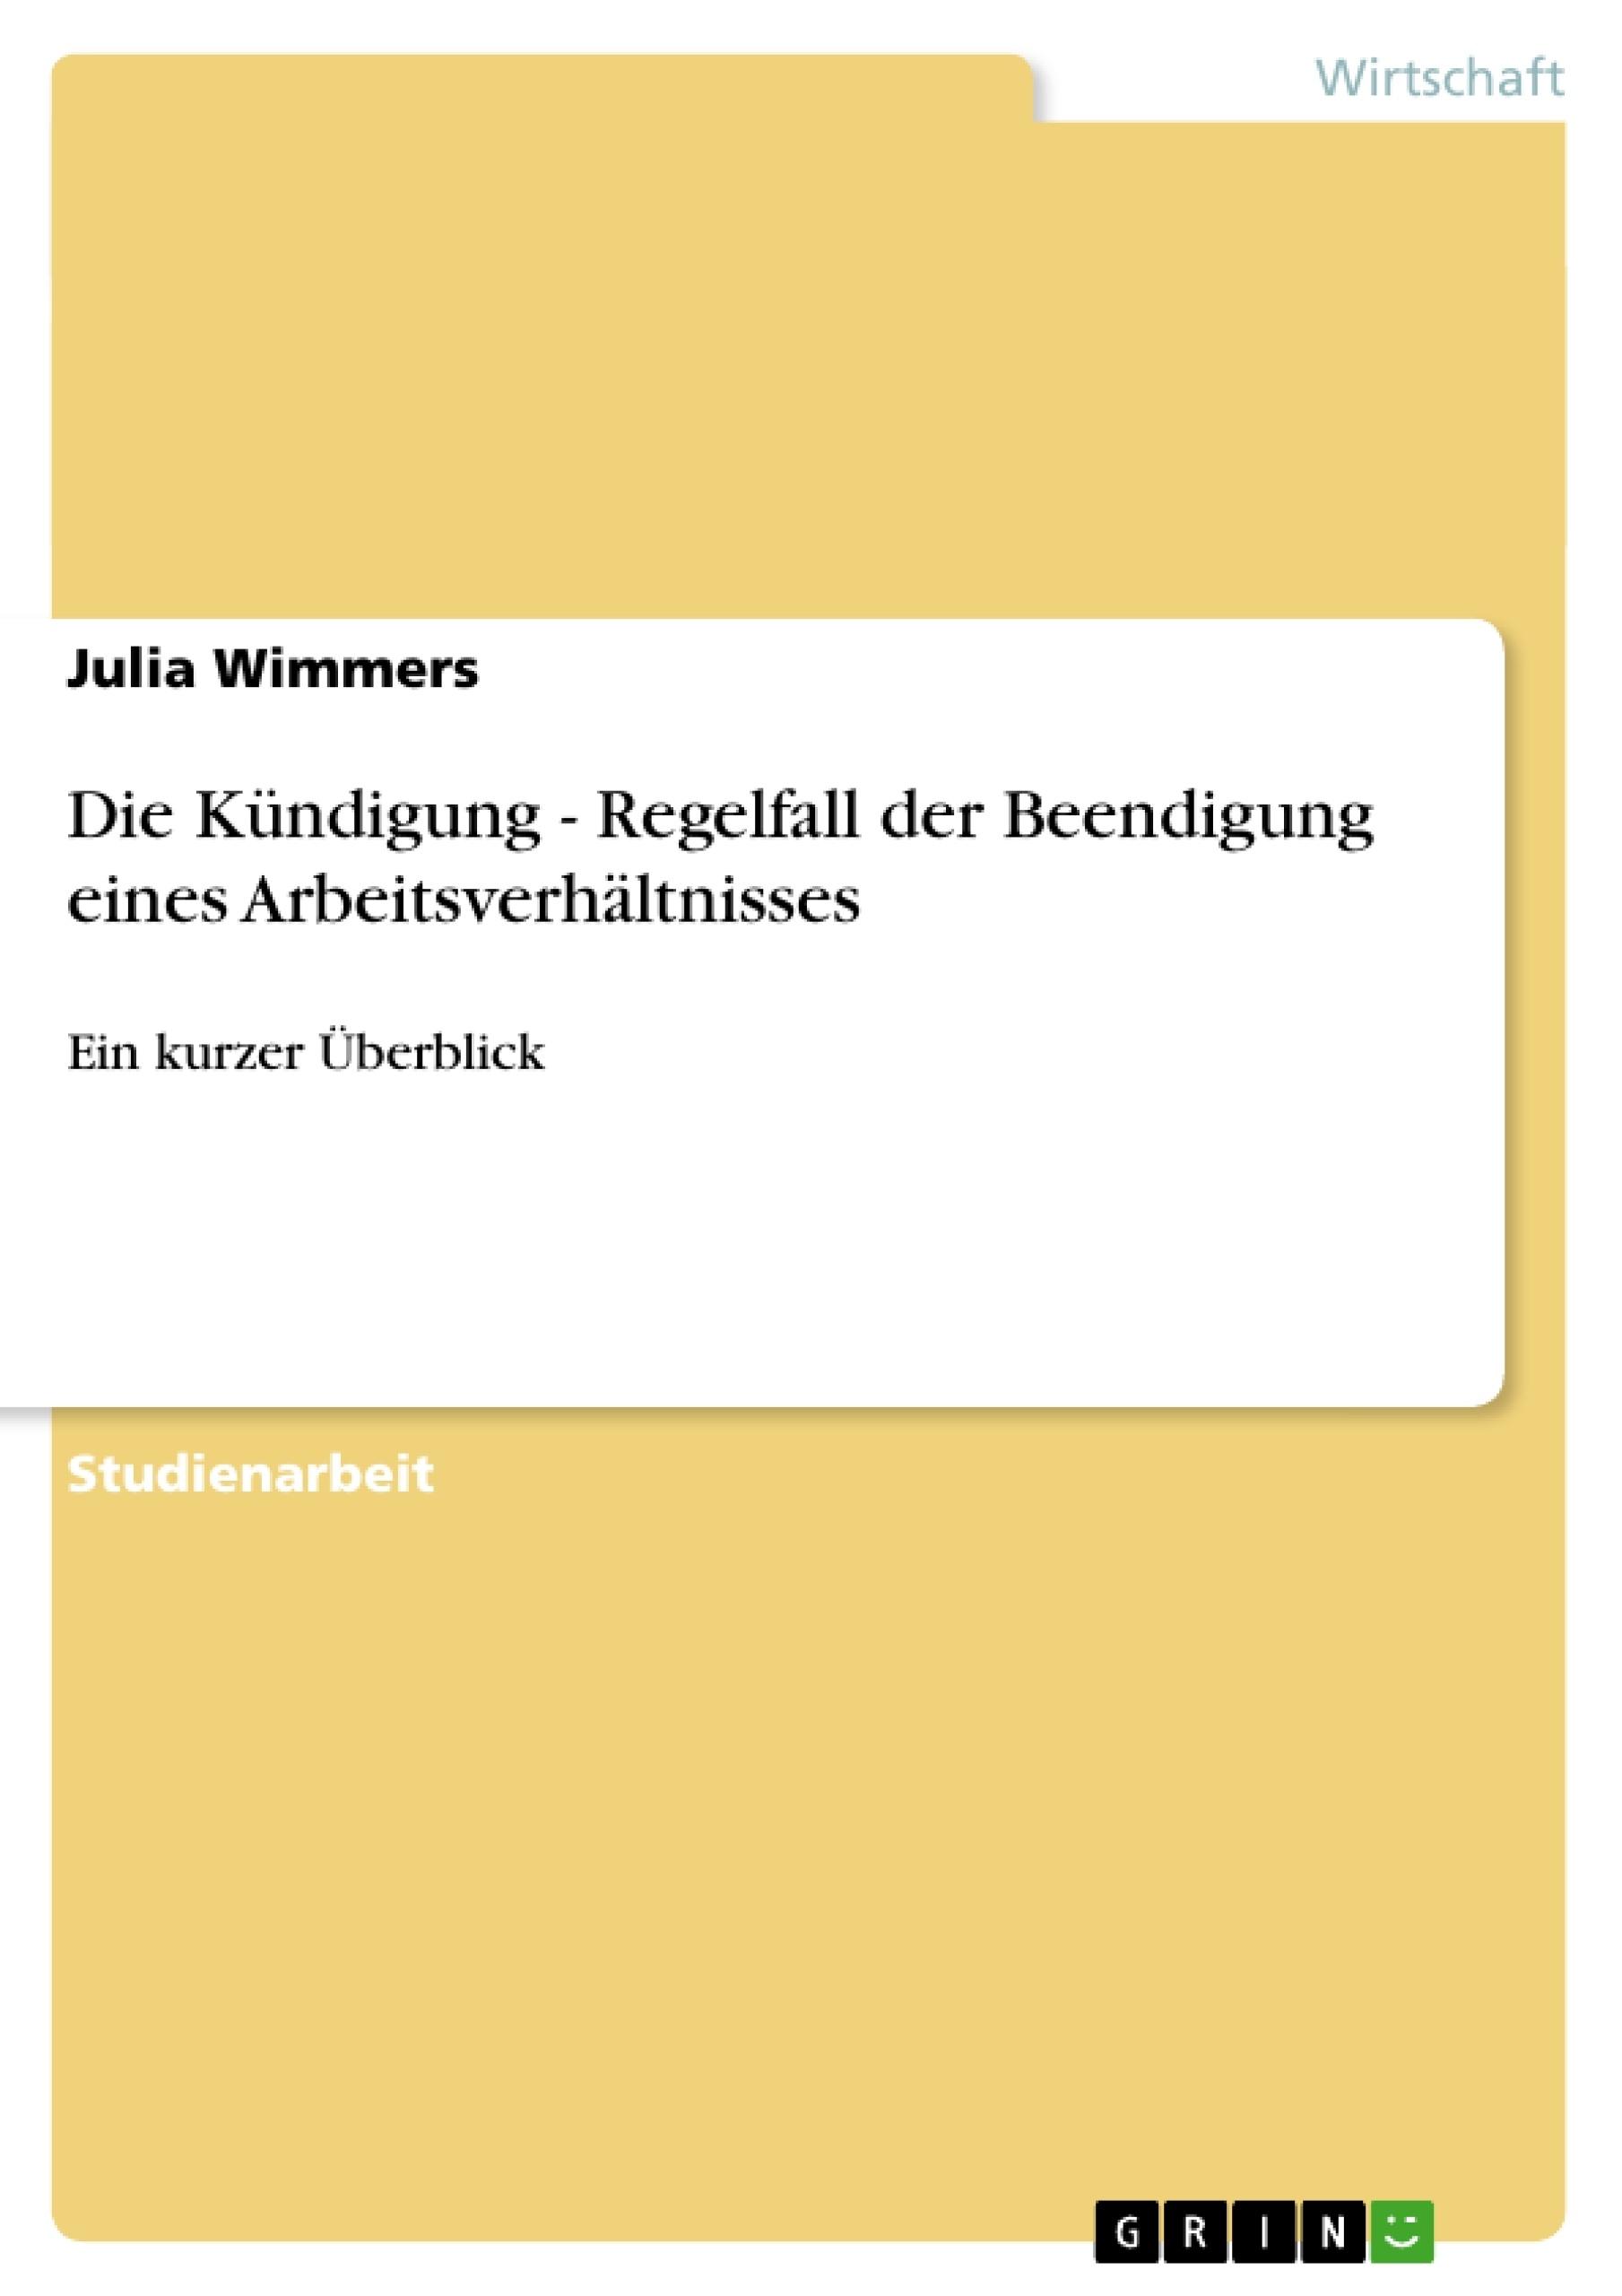 Titel: Die Kündigung - Regelfall der Beendigung eines Arbeitsverhältnisses